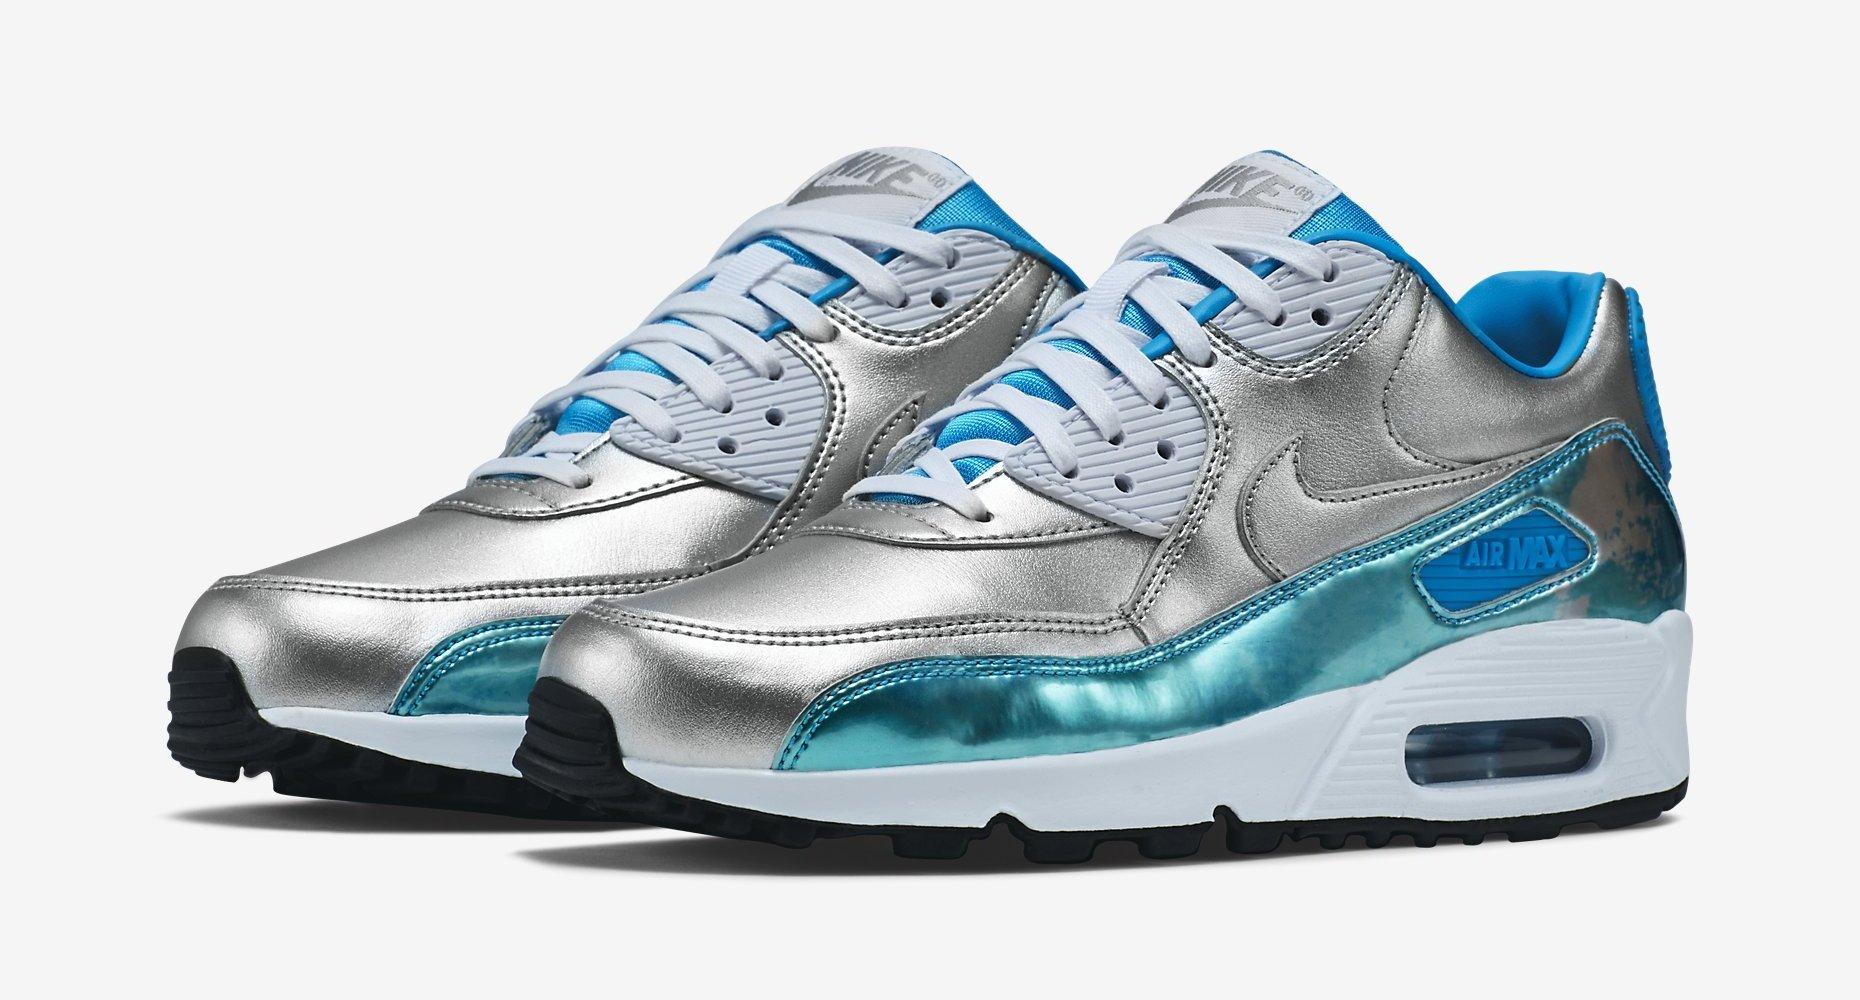 nike air max 90 sneakerboot sky blue silver